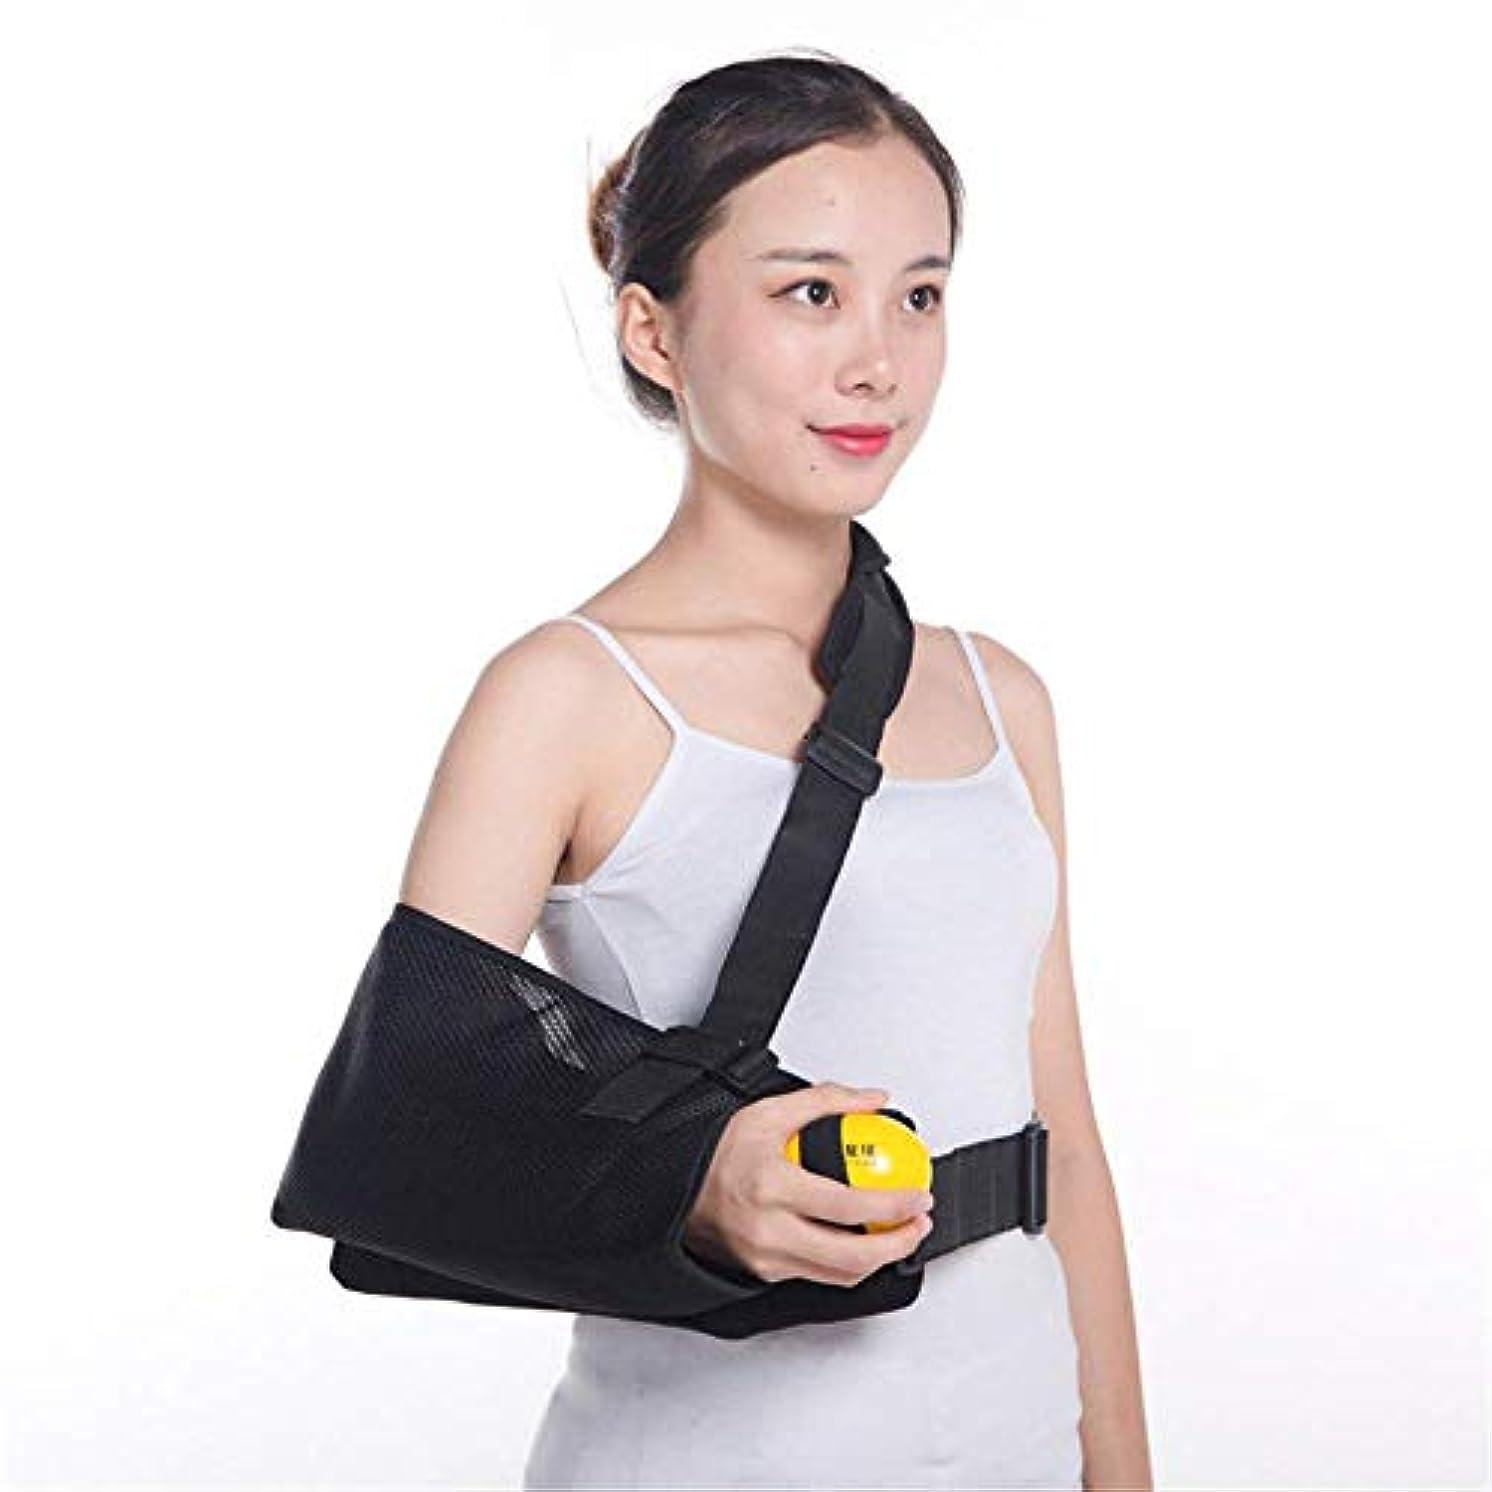 間違いスラッシュ形成肩外転スリング - 怪我のサポートのためのイモビライザー - 回旋腱板、Sublexionのための痛み軽減アームピロー - ブレースはポケットストラップ、ウェッジを含みます